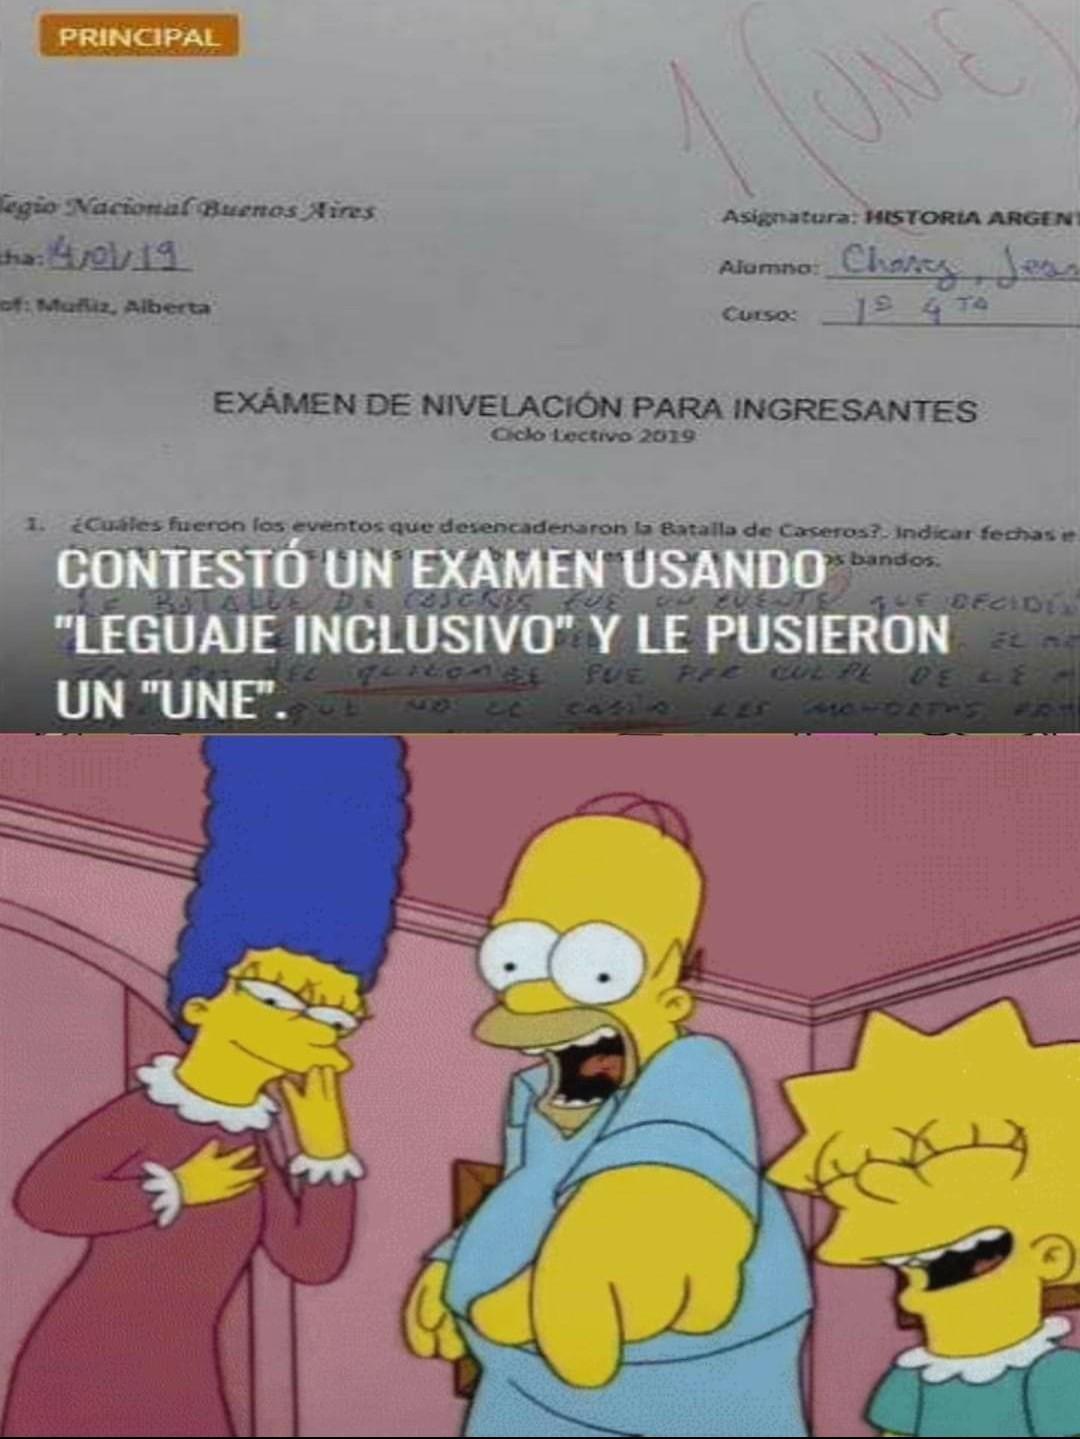 Argentina - meme